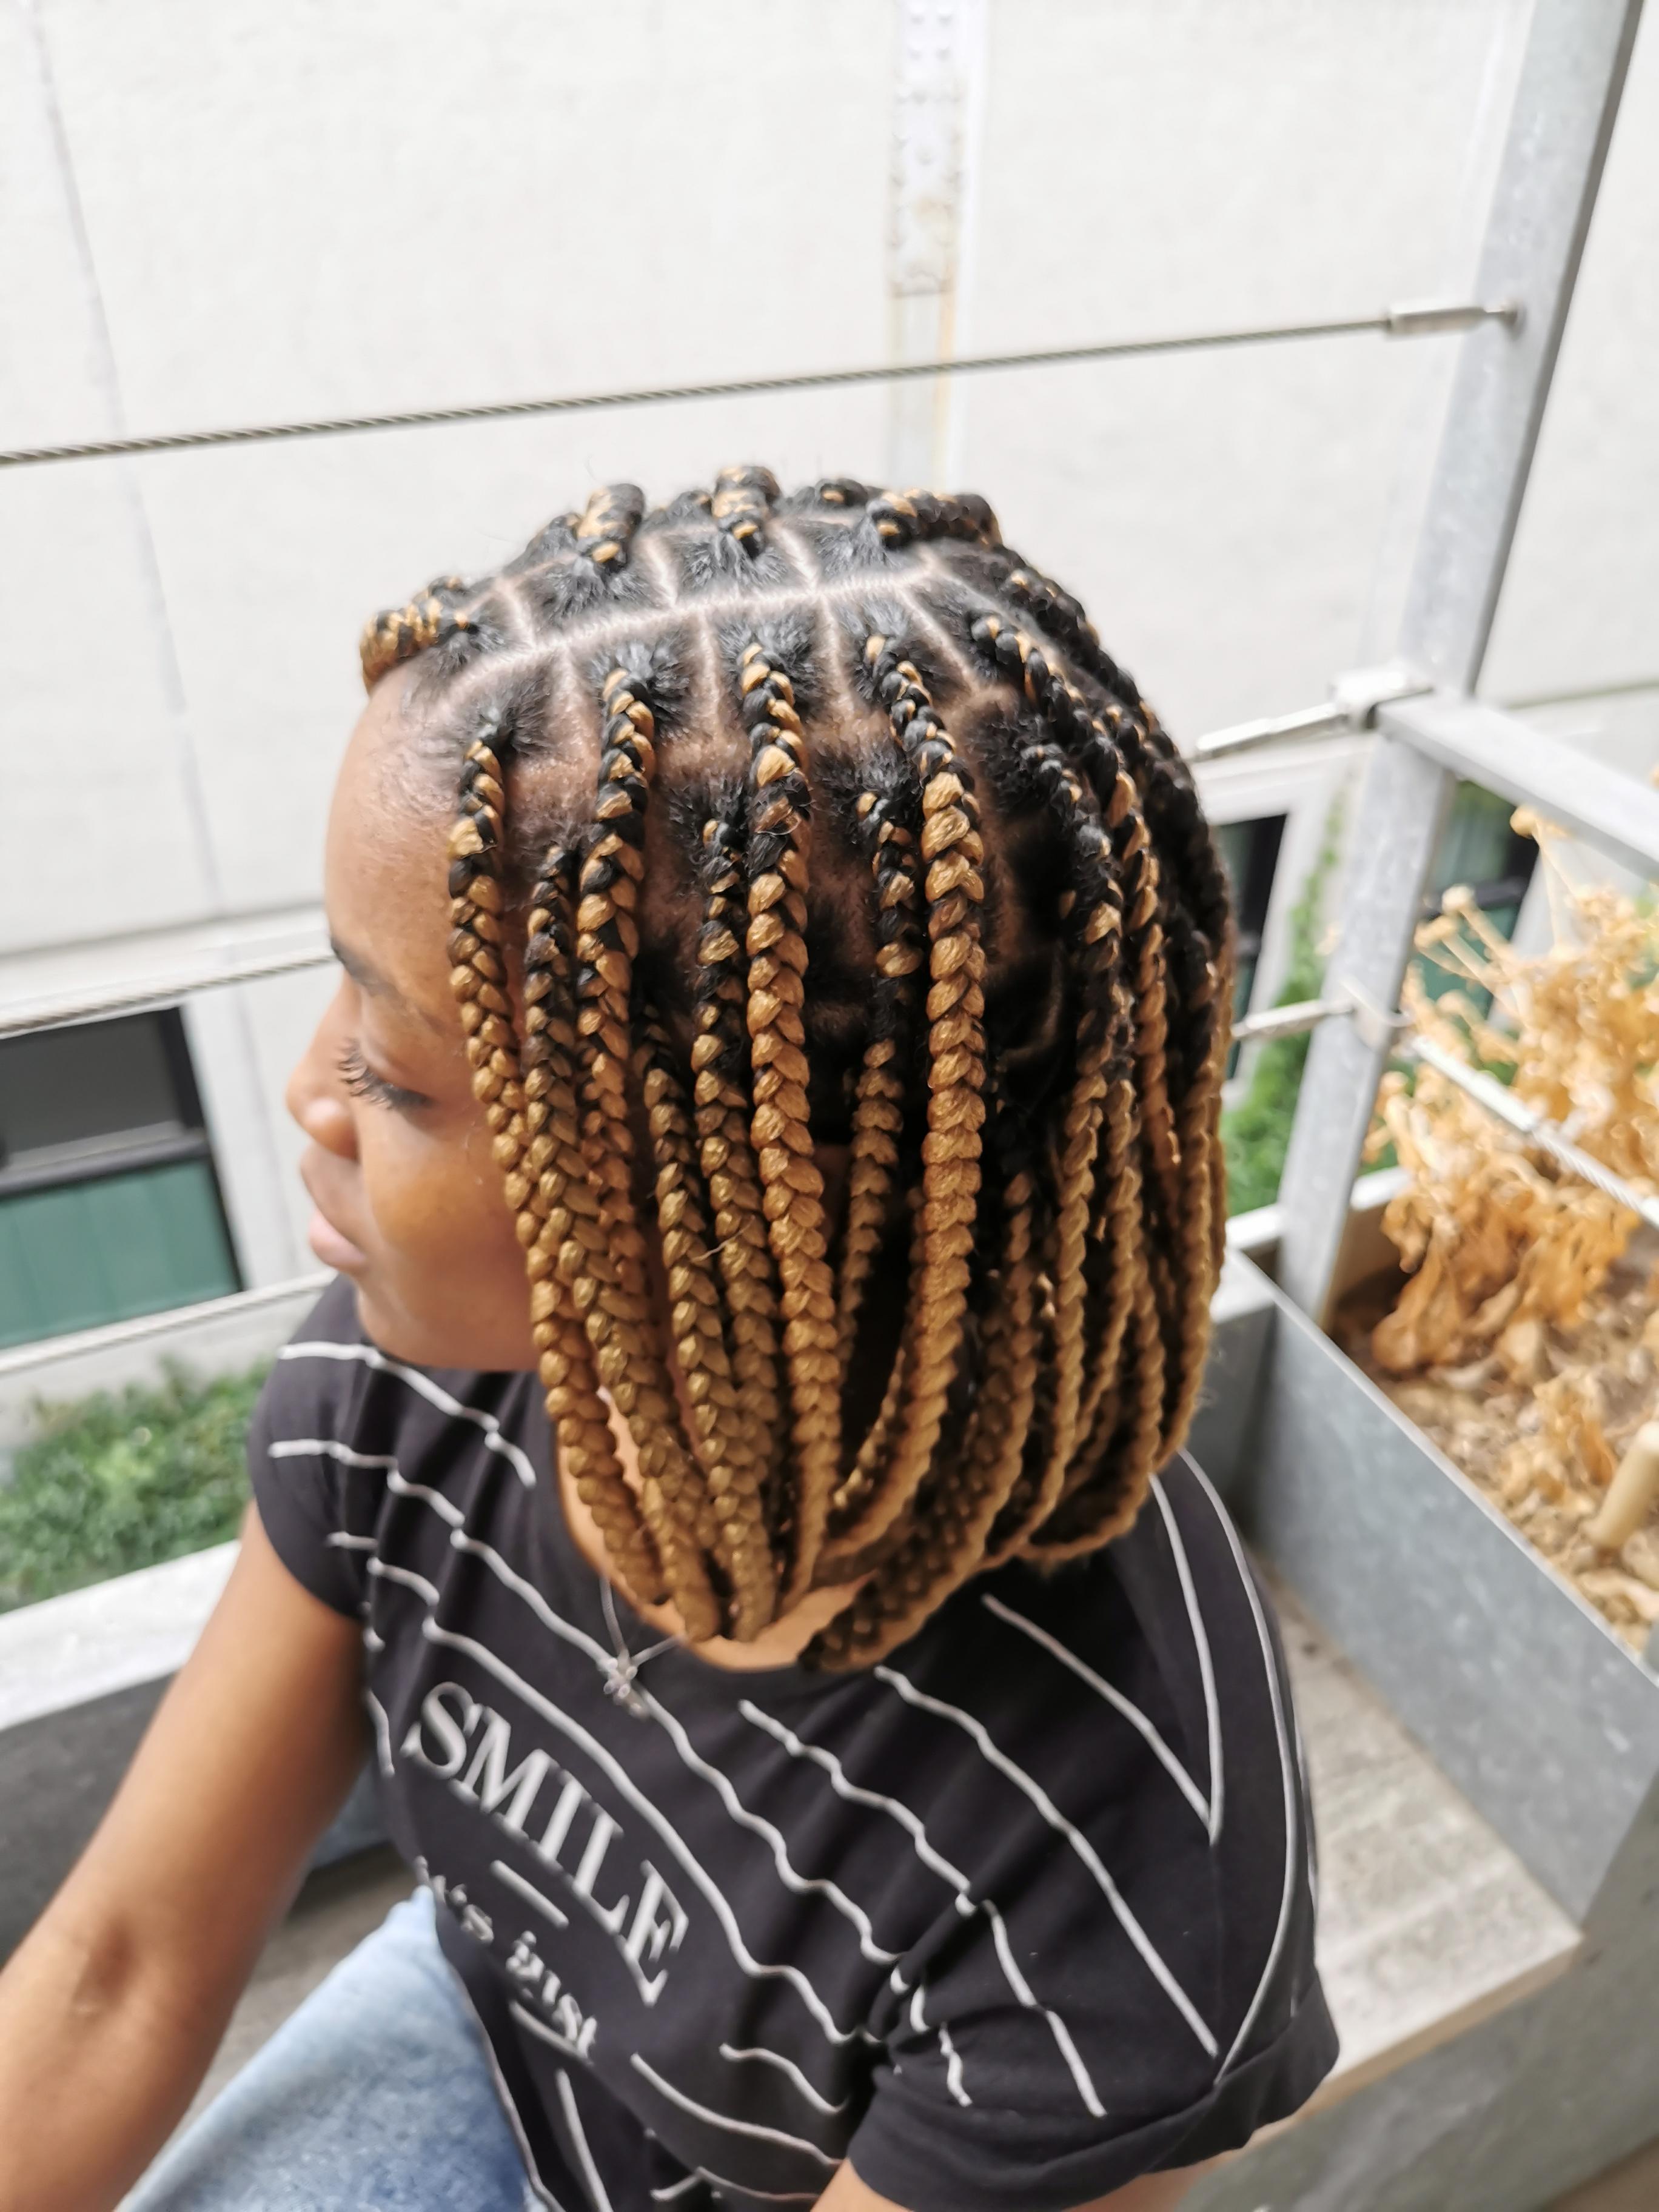 salon de coiffure afro tresse tresses box braids crochet braids vanilles tissages paris 75 77 78 91 92 93 94 95 VHAXFCTI